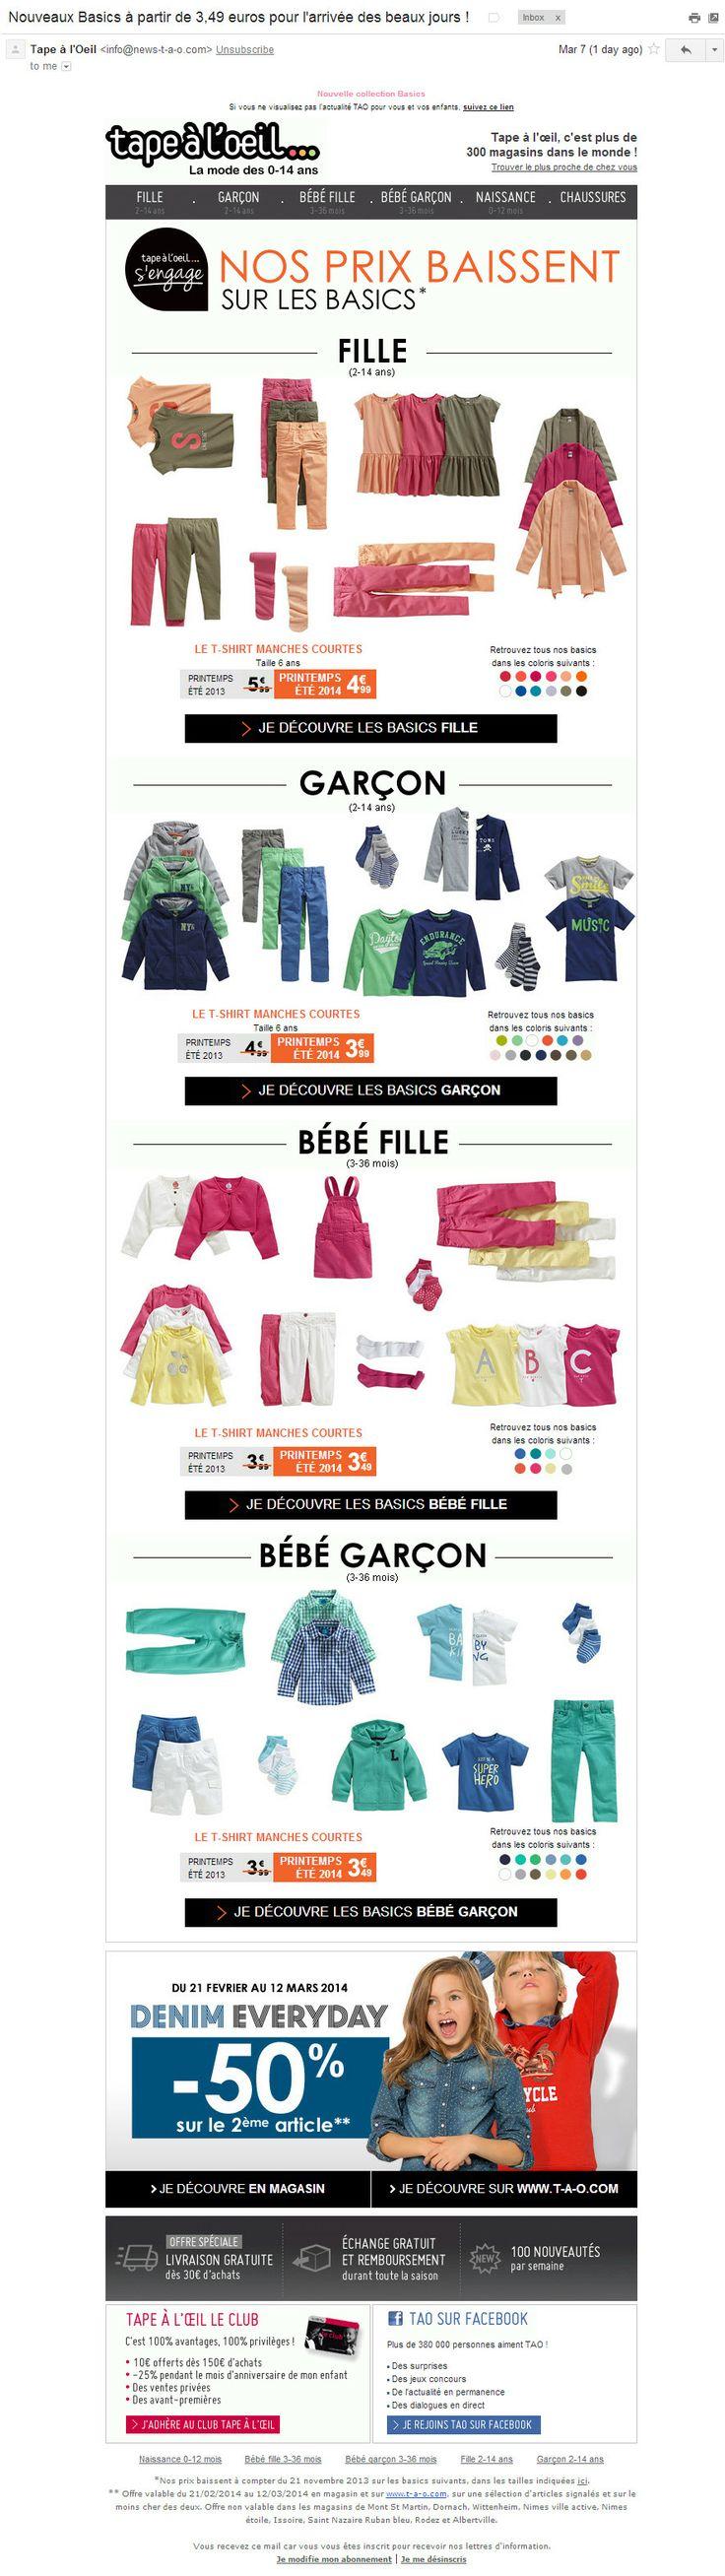 Tape à l'Oeil: анонс коллекции (7/03/2014). Коллекция представлена довольно полно: все категории по возрасту и полу, разные типы одежды, доступные цвета. Все вместе выглядит аккуратно и информативно.